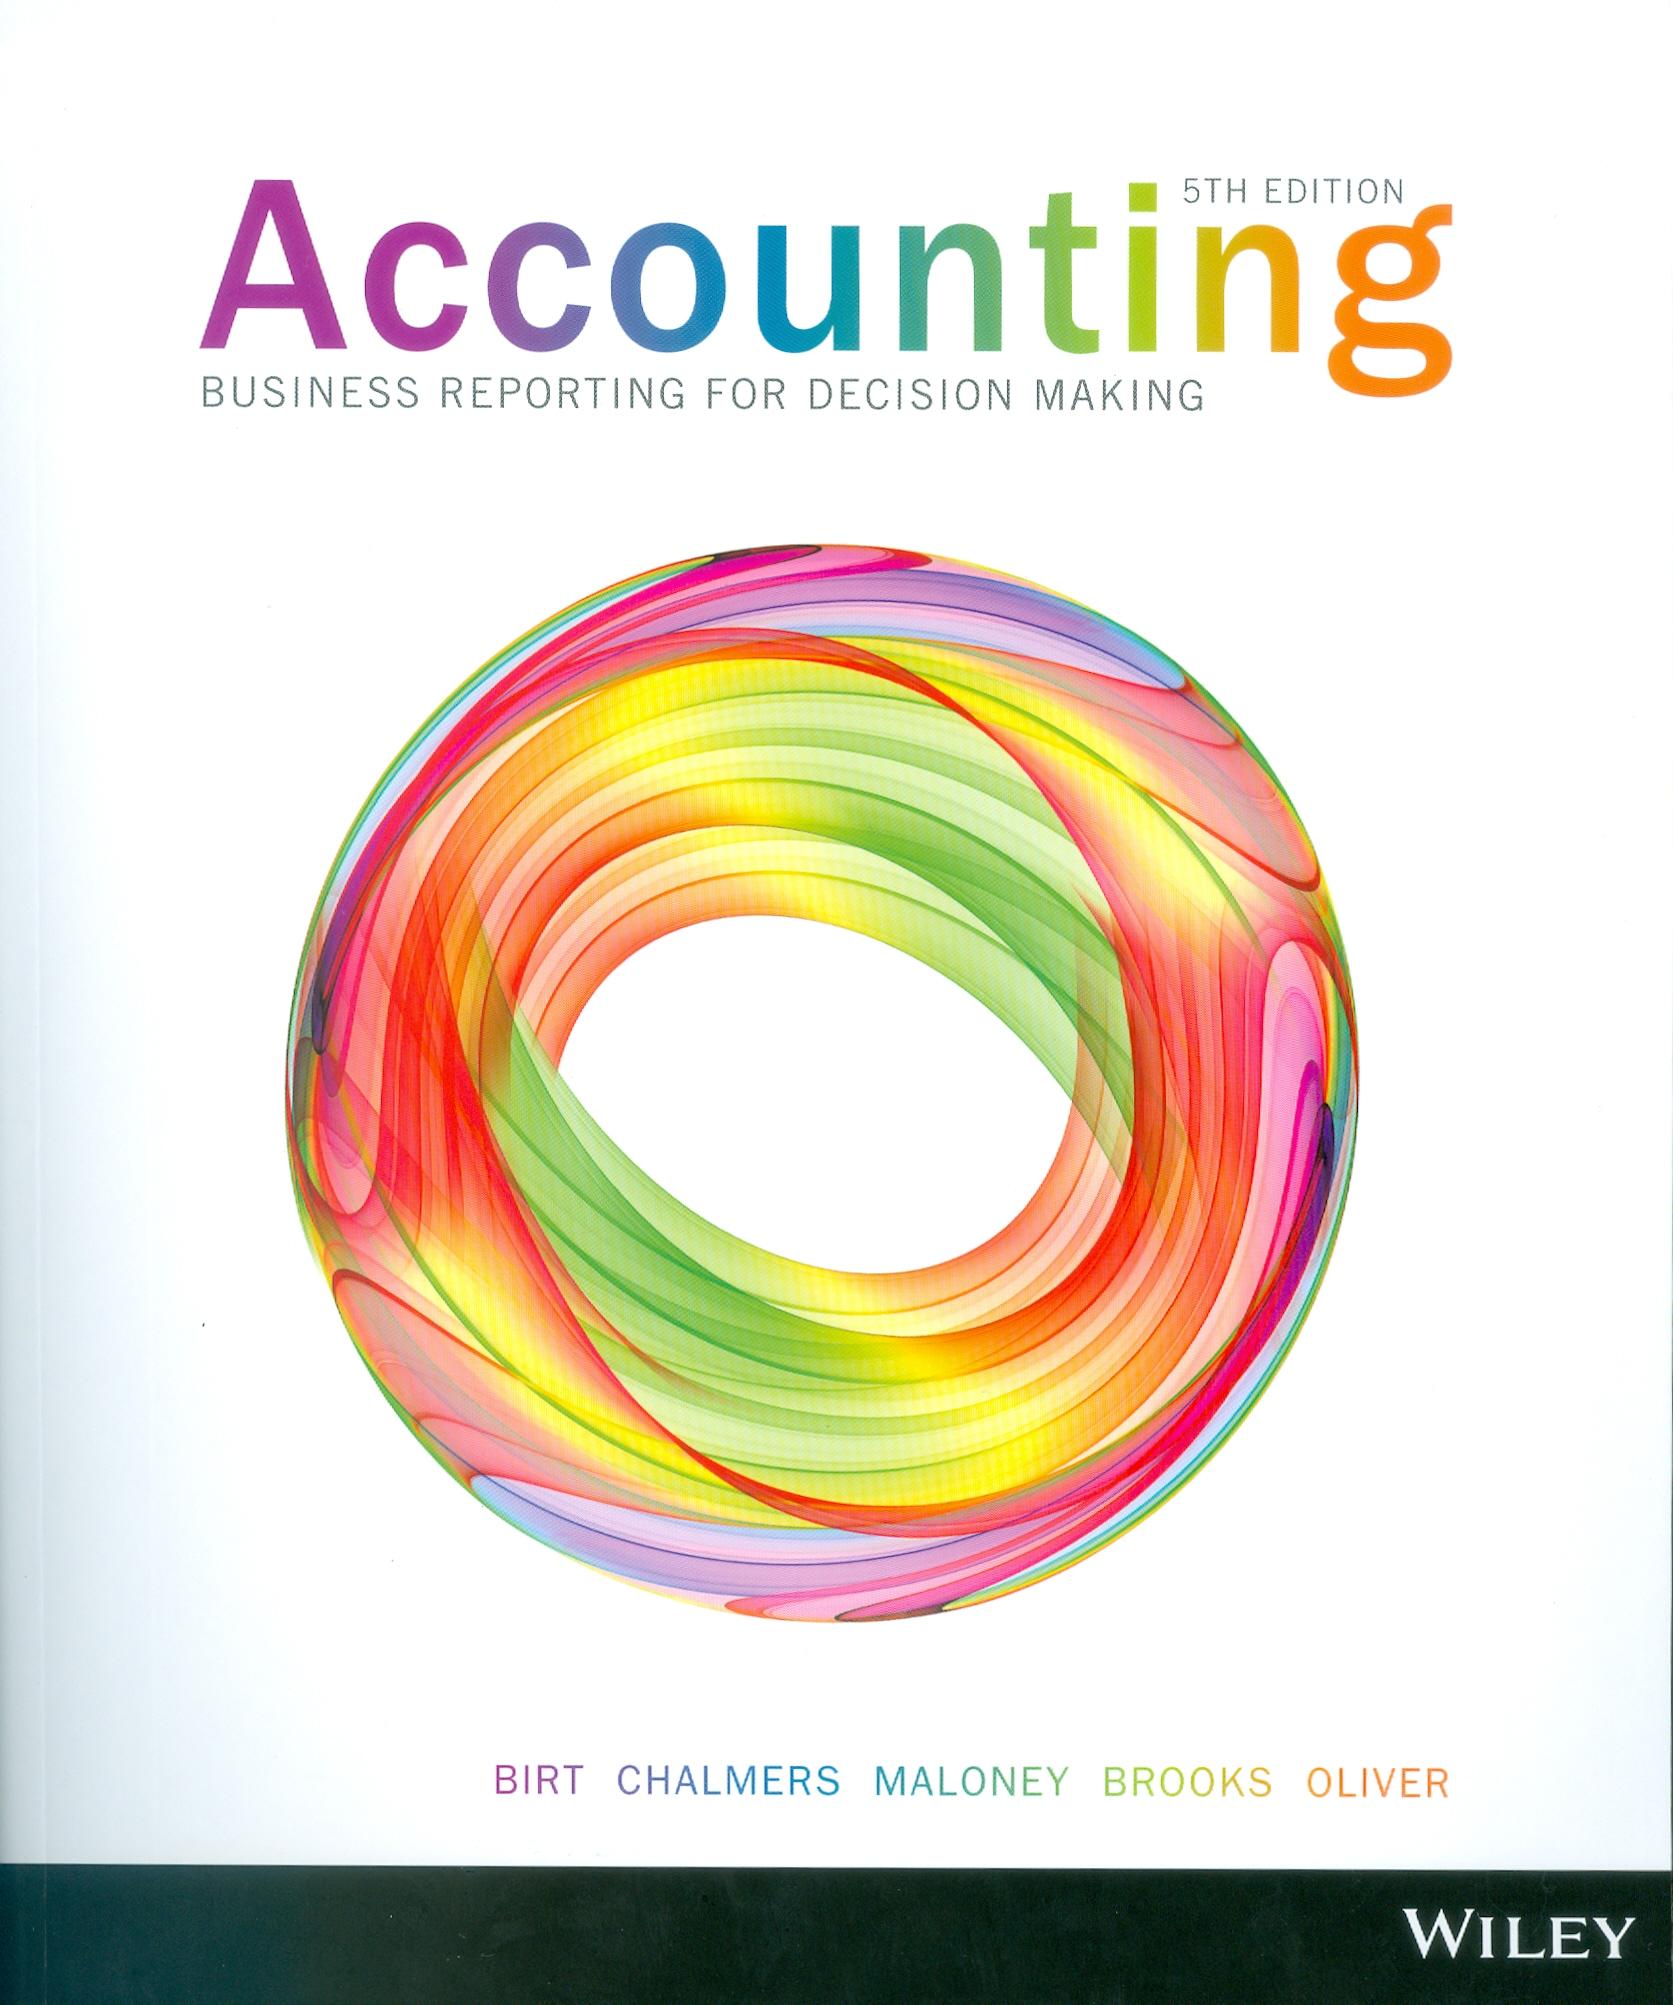 Cov_Accounting - business.jpg